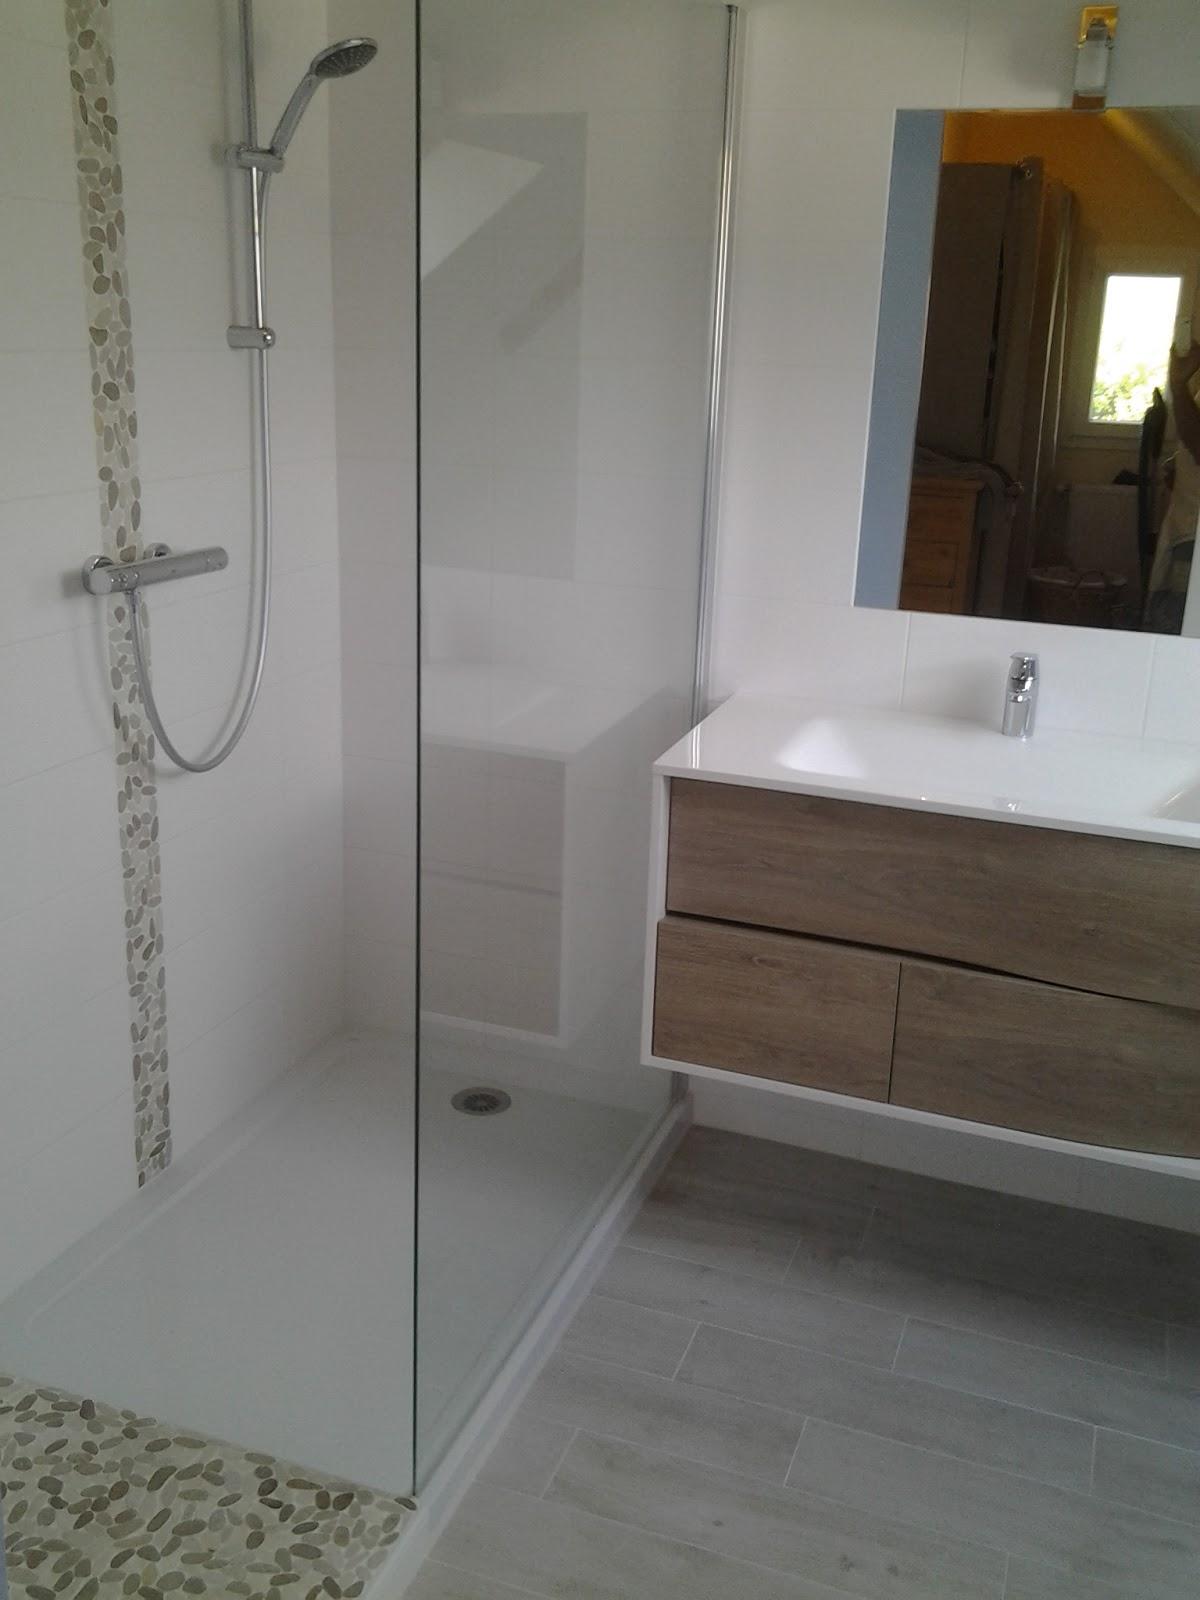 Creation de salles de bains douche a l 39 italienne et - Douche a l italienne surelevee ...